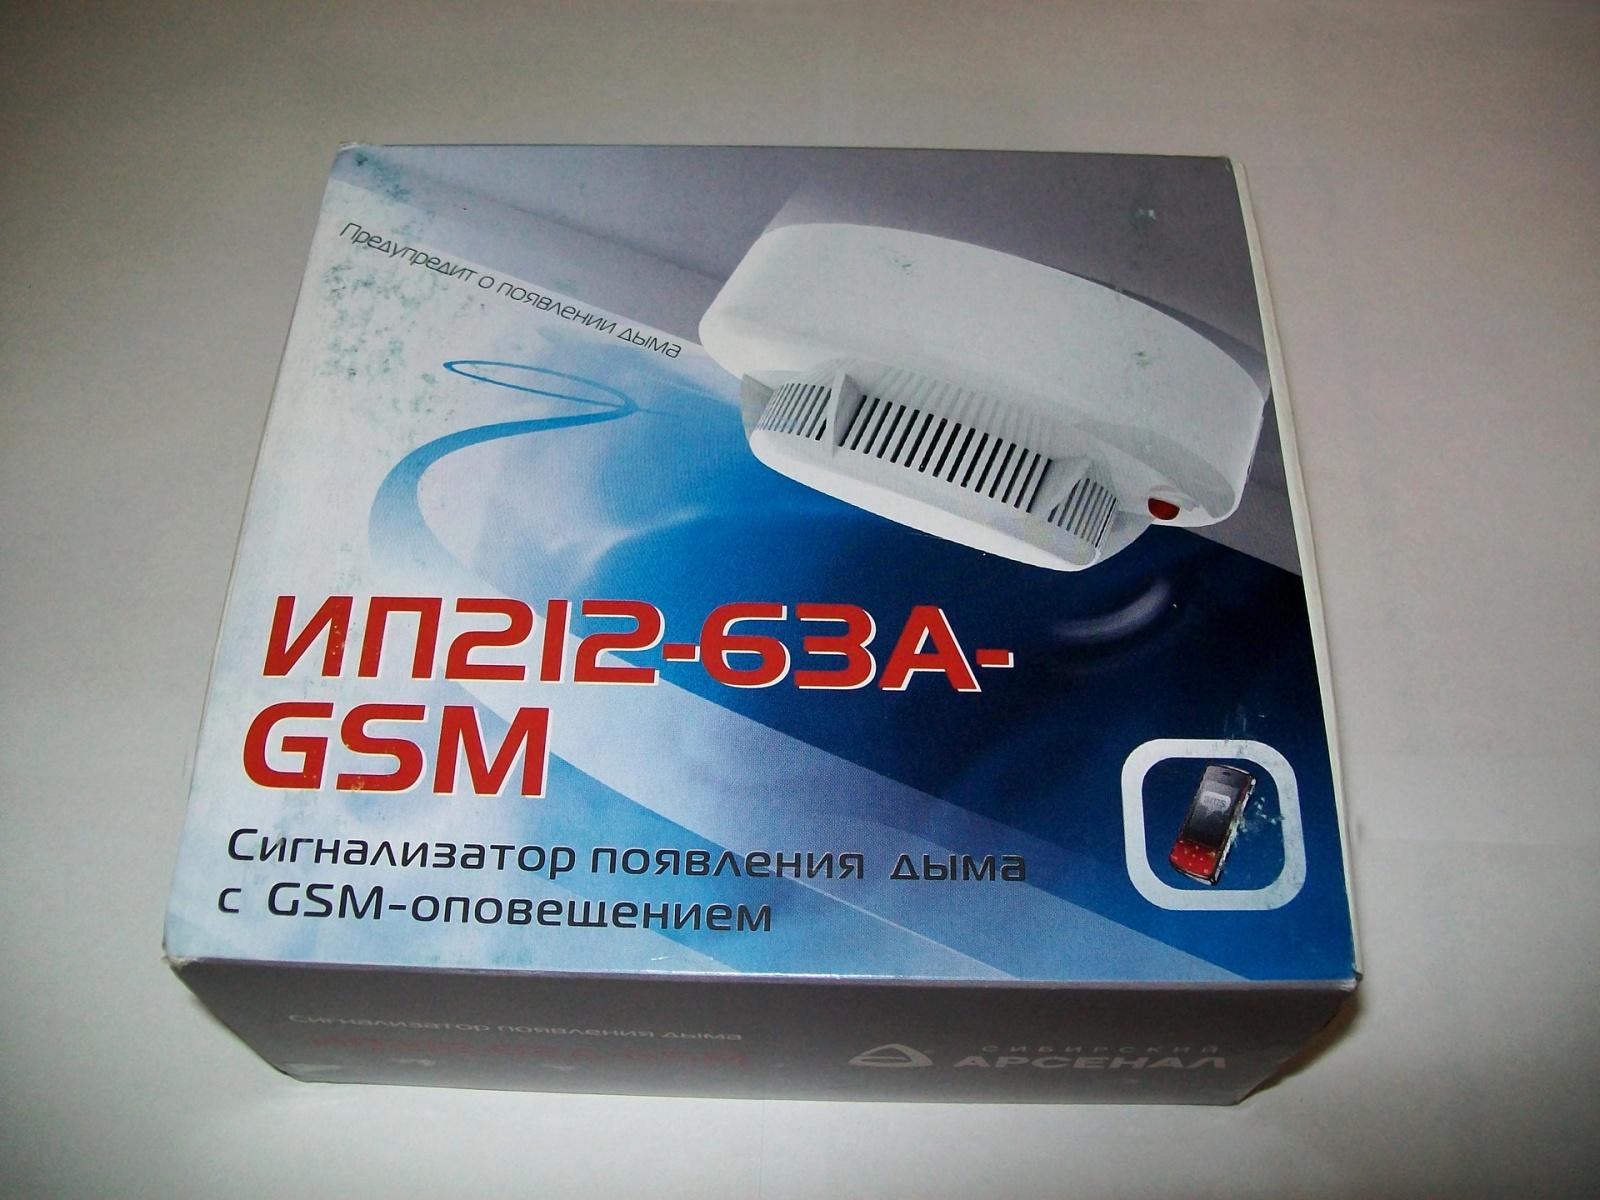 Пожарная сигнализация с GSM: когда звонок на самом деле пугает - 2